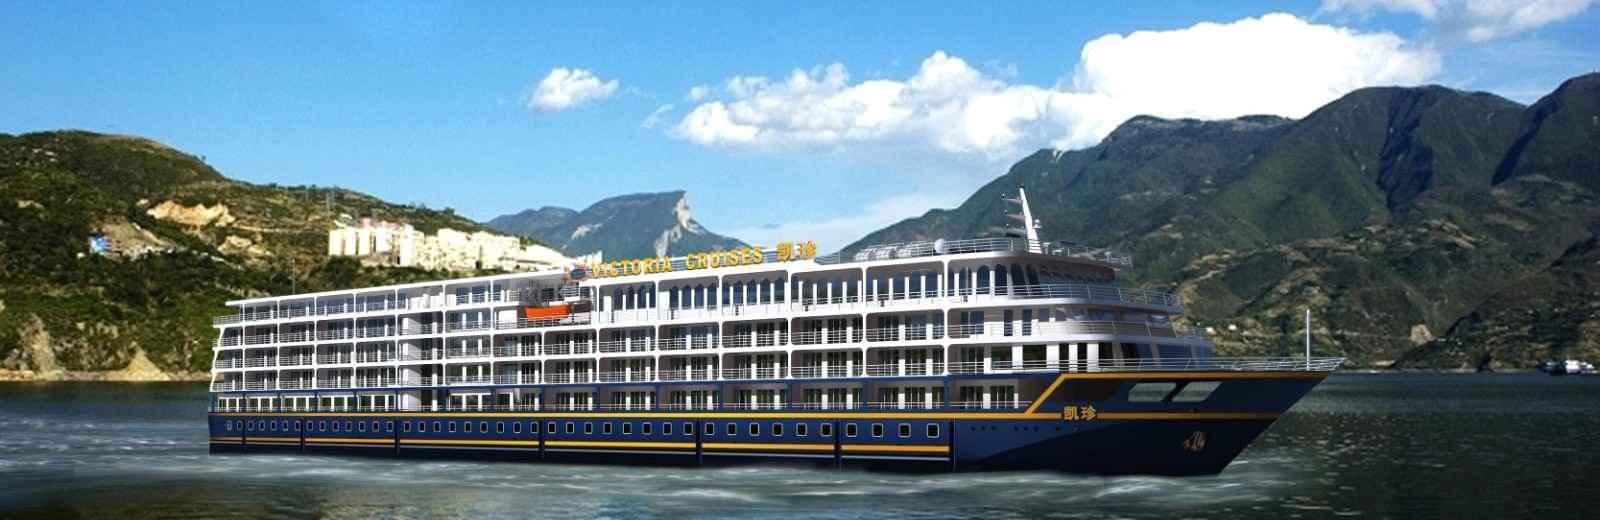 Victoria Cruises Victoria Cruise Ships On Yangtze River - Victoria cruises